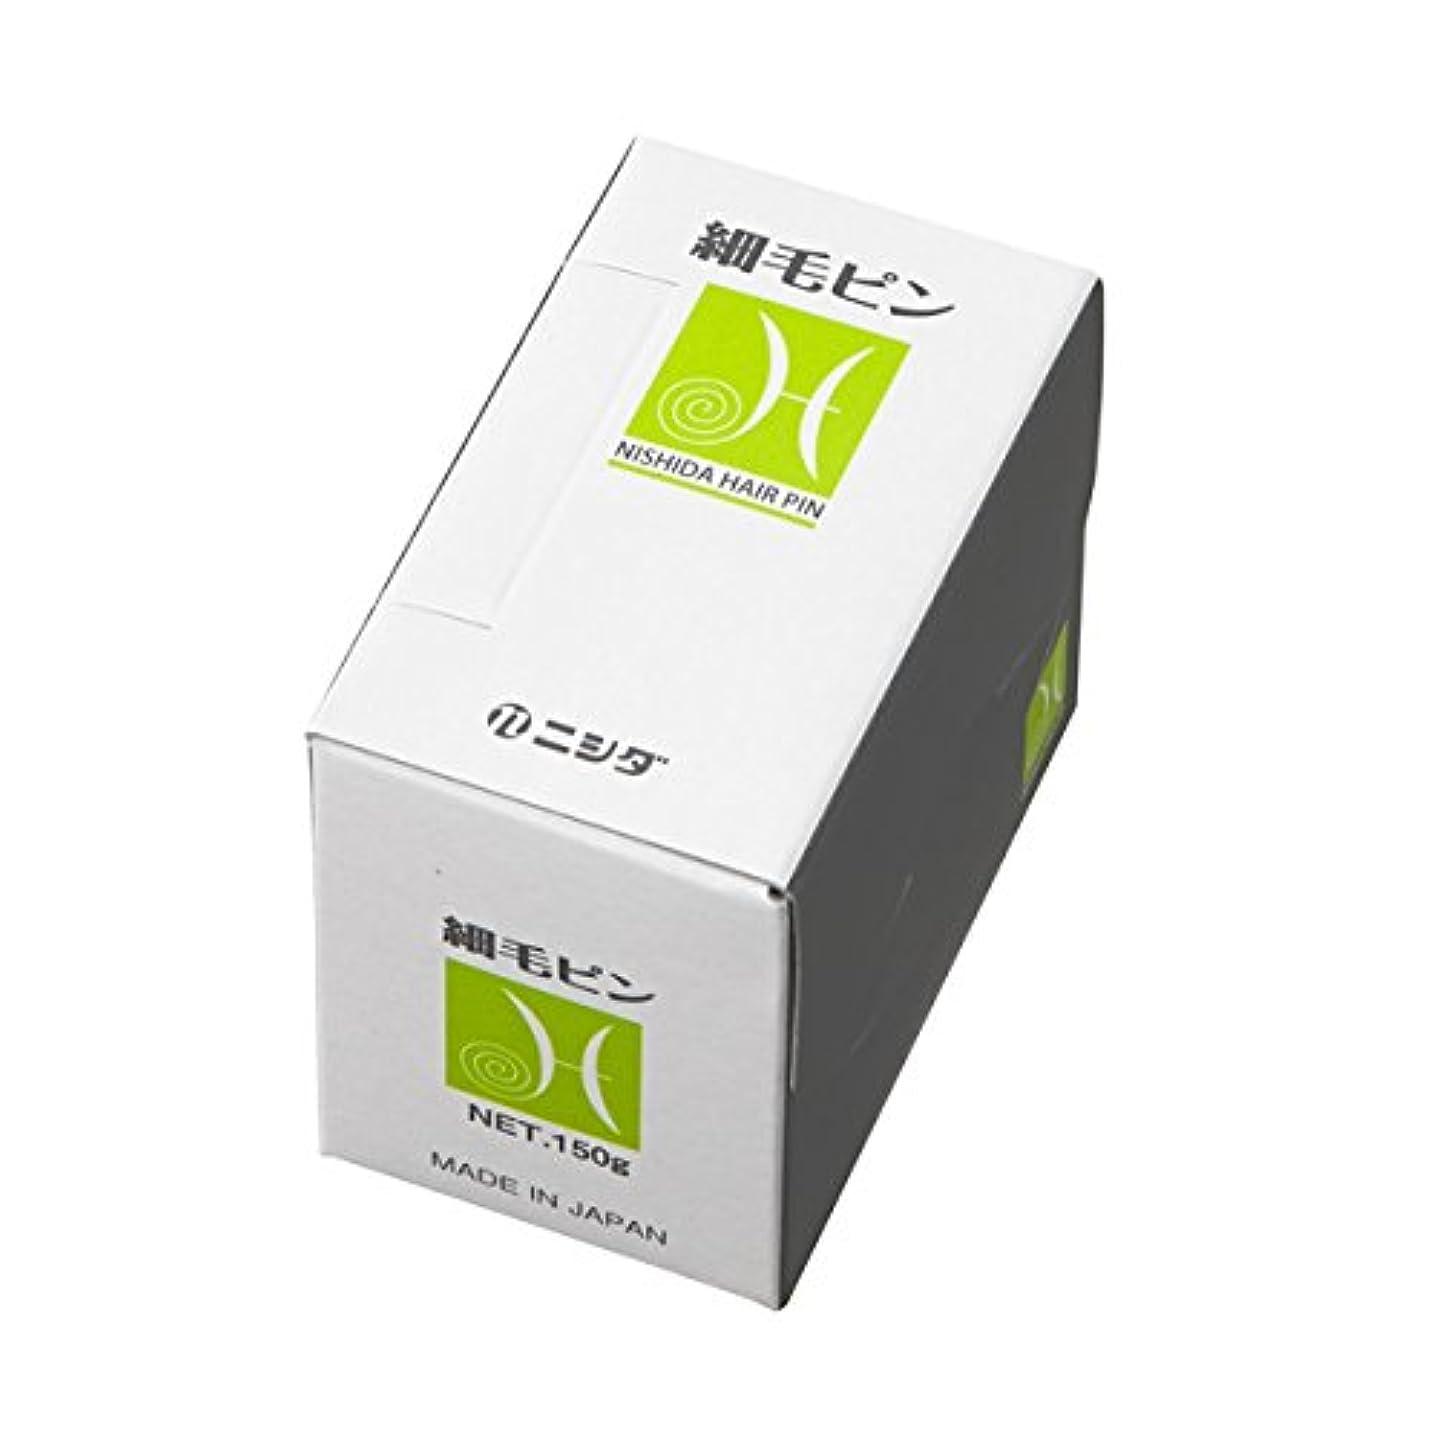 ニシダピン 細毛ピン 150g 株式会社ニシダ プロフェッショナルユースでスタイリング自由自在